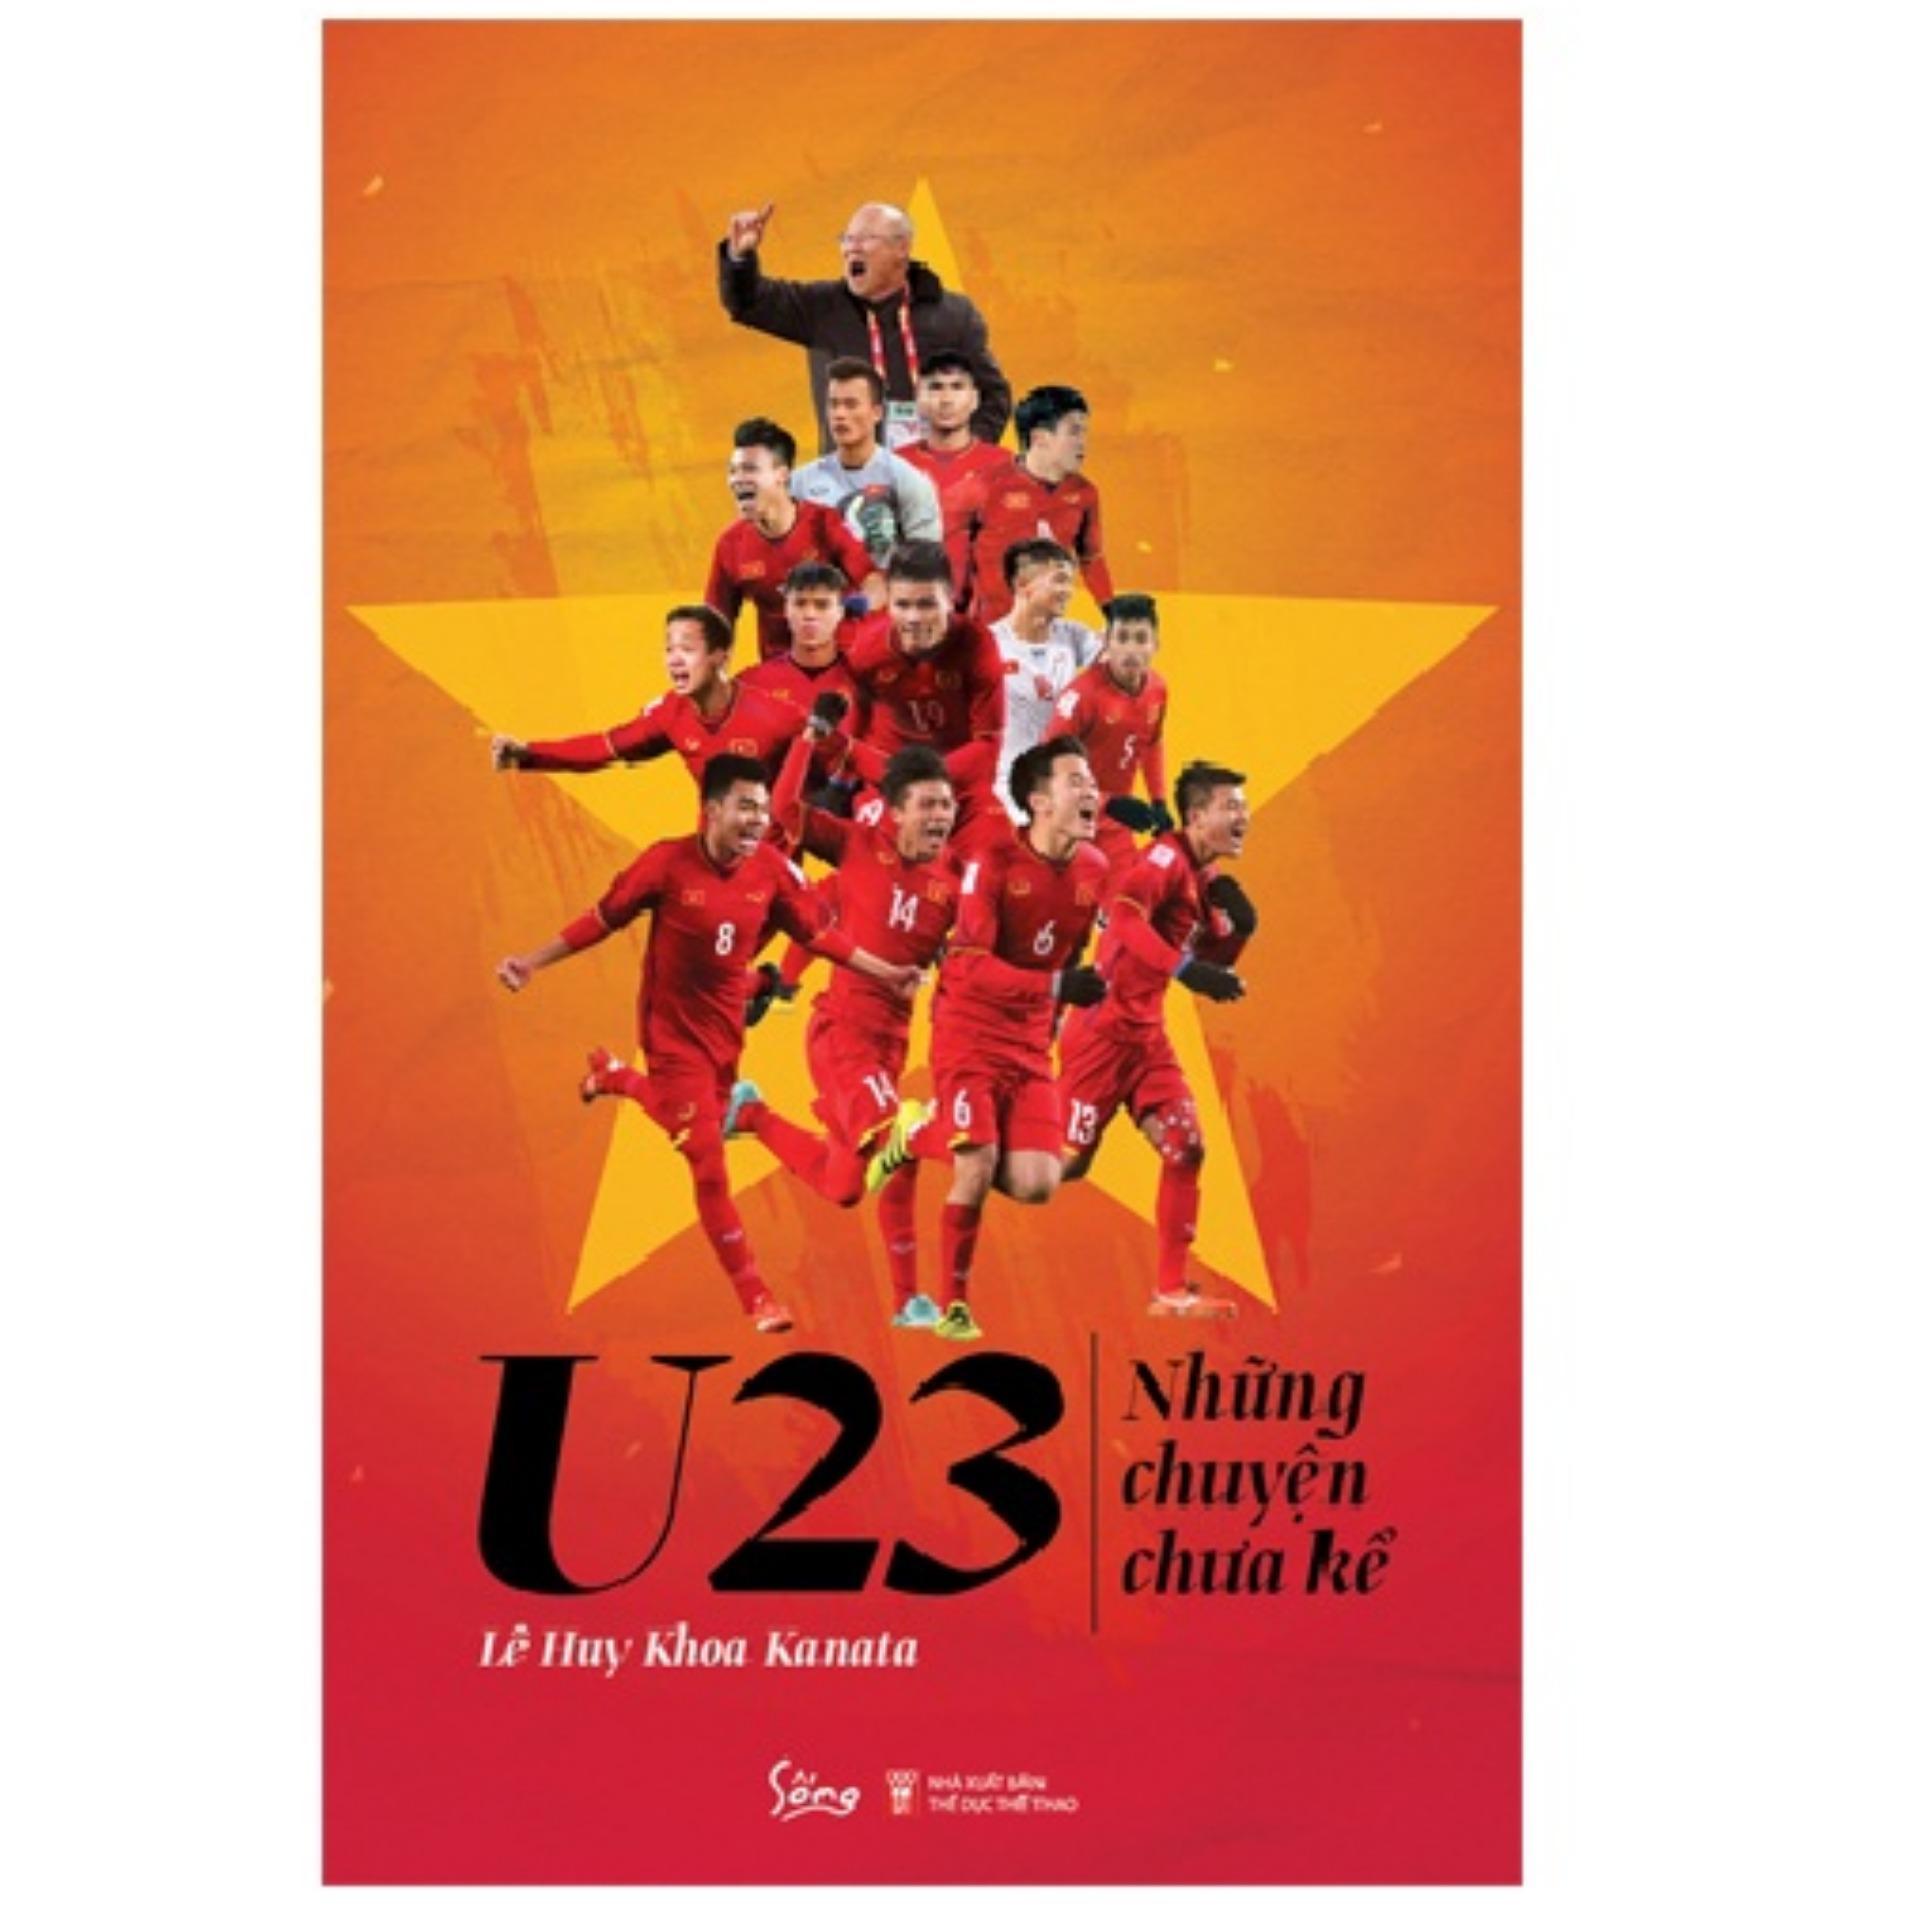 Mua U23 - NHỮNG CHUYỆN CHƯA KỂ